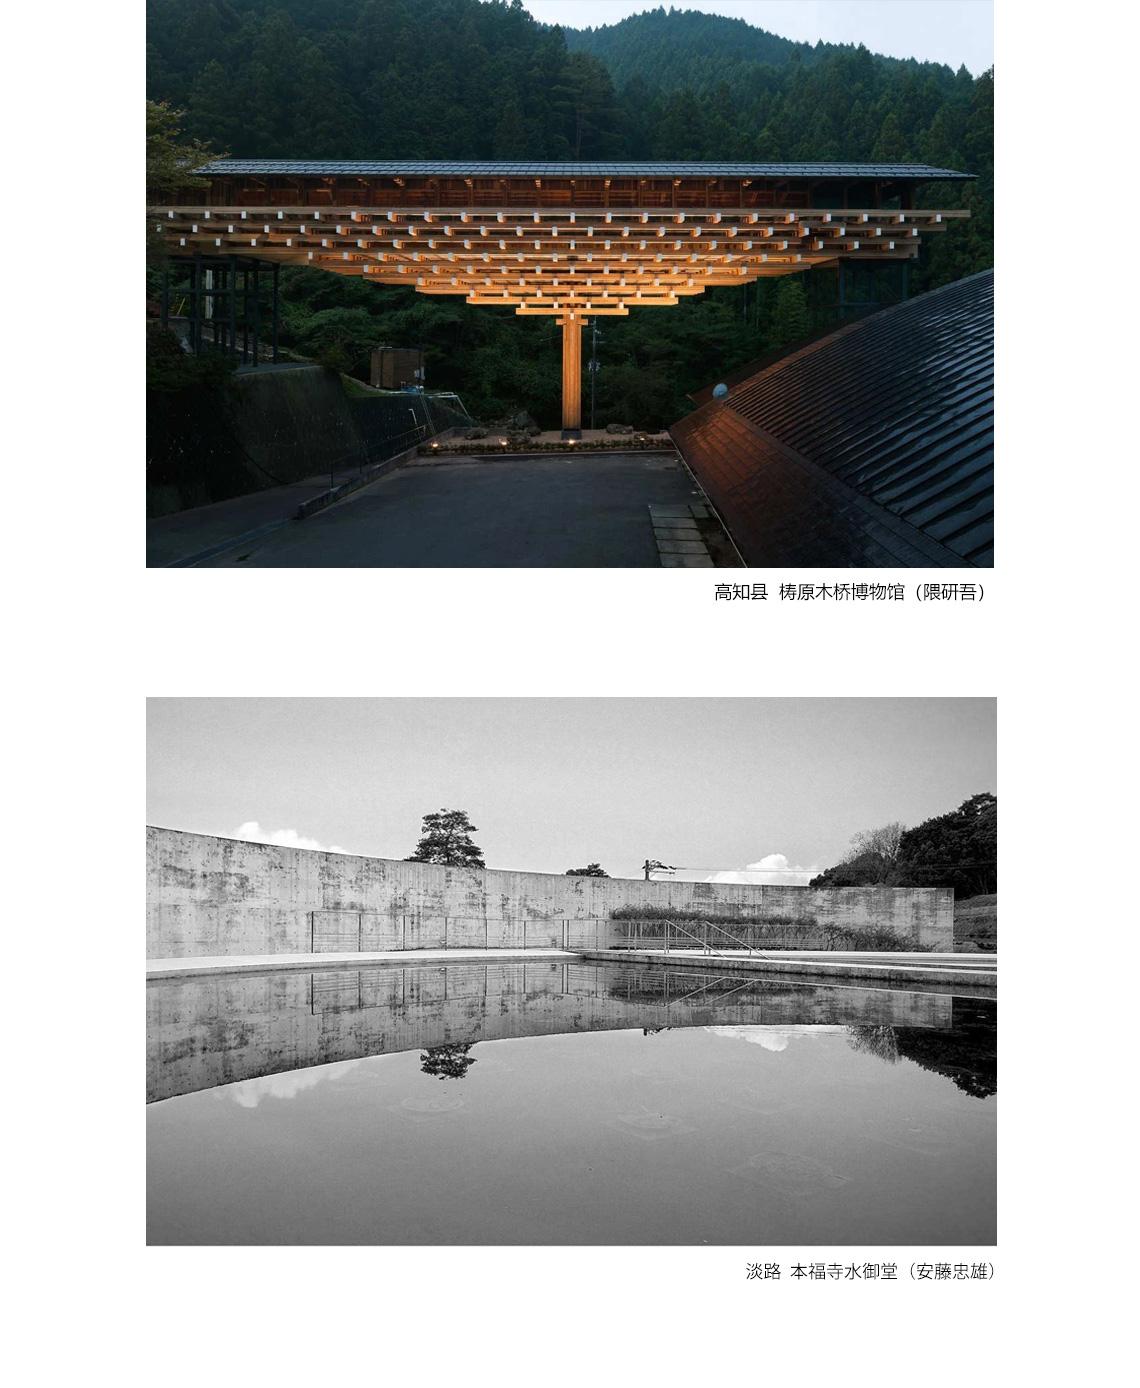 大阪古建筑参观